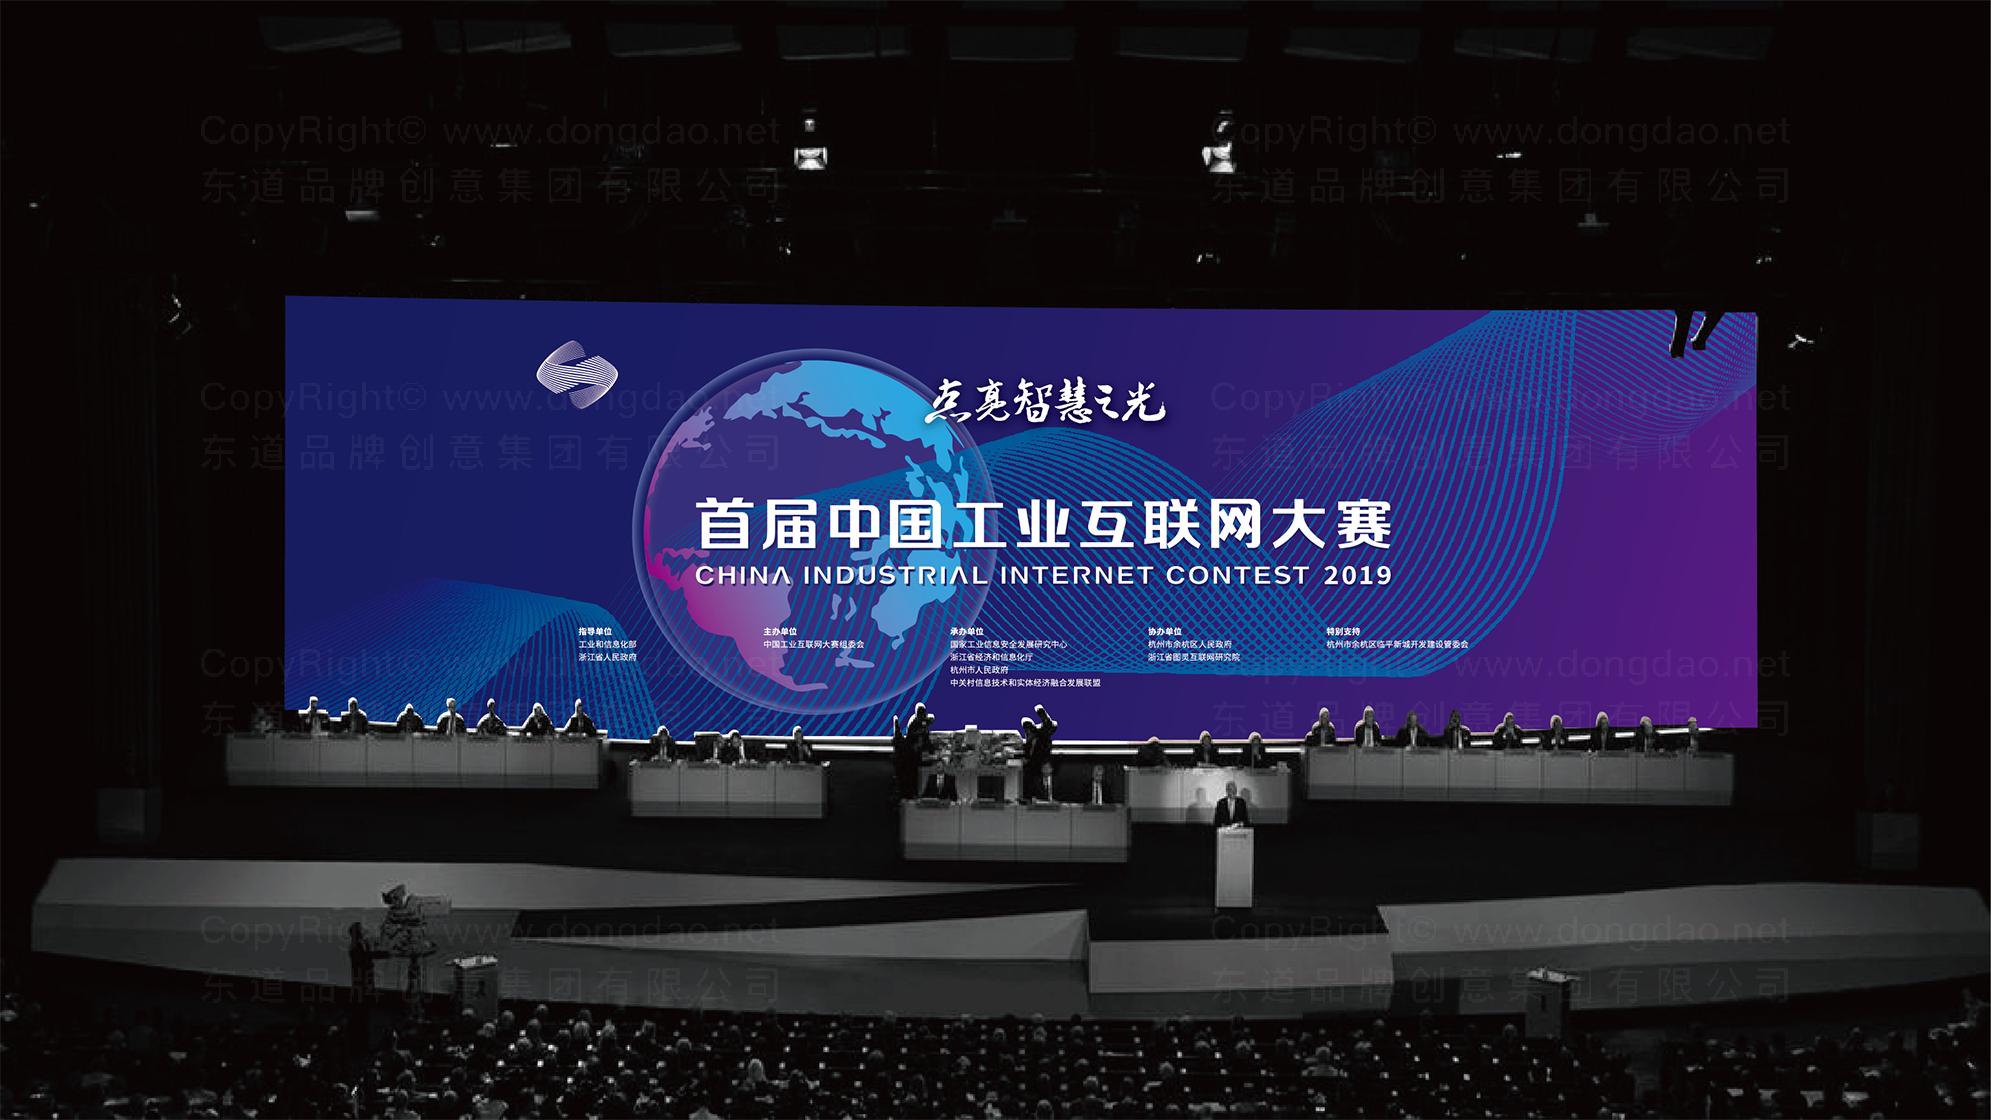 品牌设计中国工业互联网大赛LOGO&VI设计应用场景_4